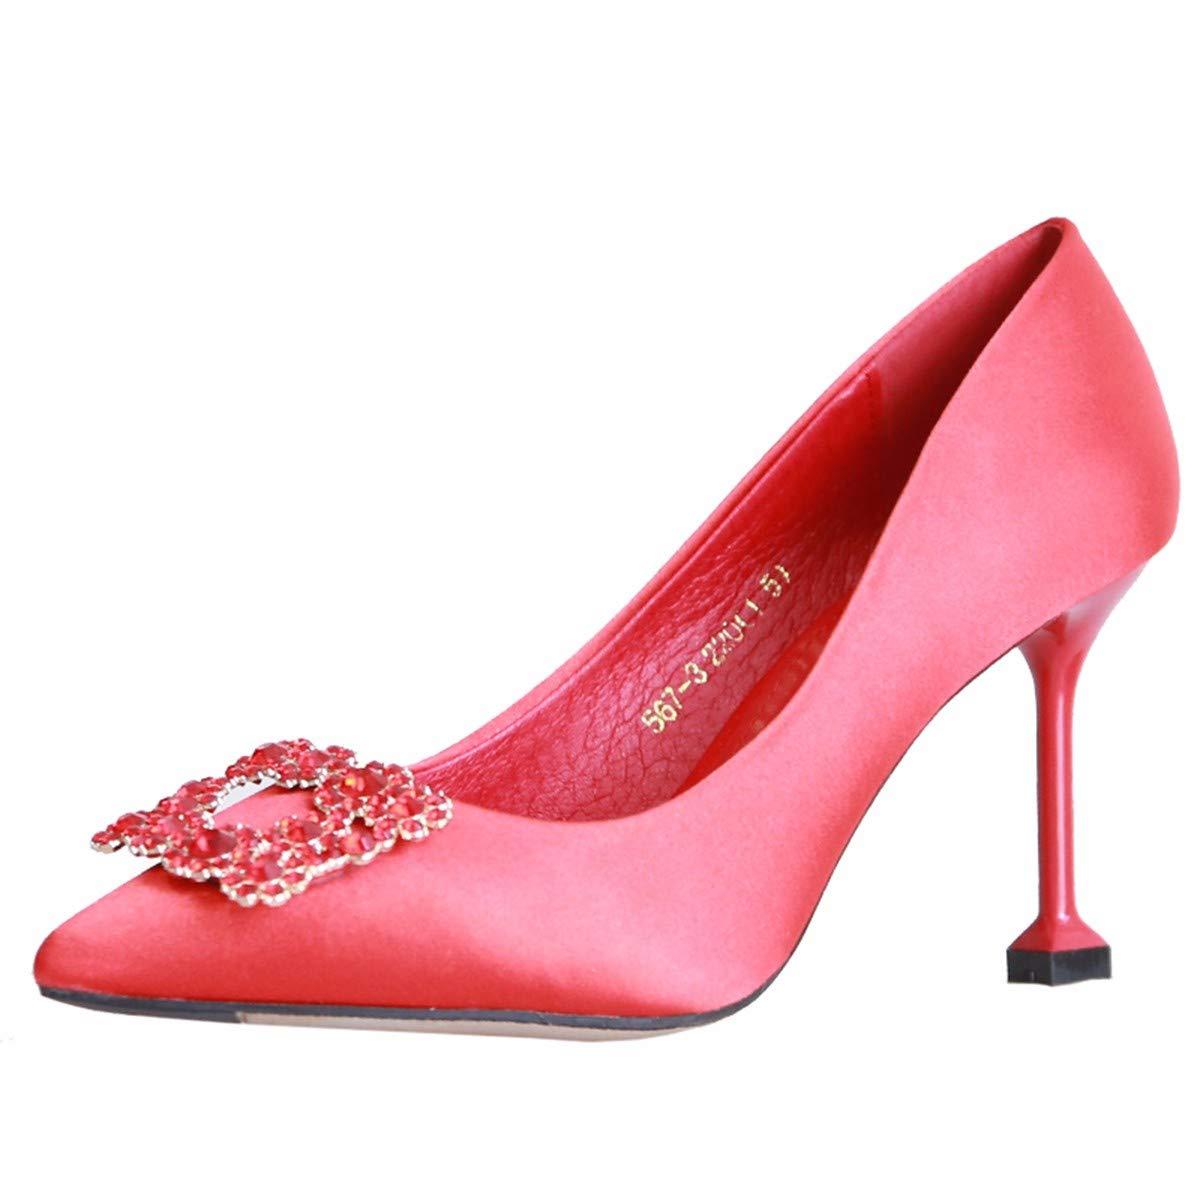 KPHY Damenschuhe/Herbst Roten Hochzeit Schuhe Braut High Heels 8Cm Dünnen Ferse Sagte Wasser Diamond Schuhe Flachen Mund Seide und Satin-Schuhe 34 des